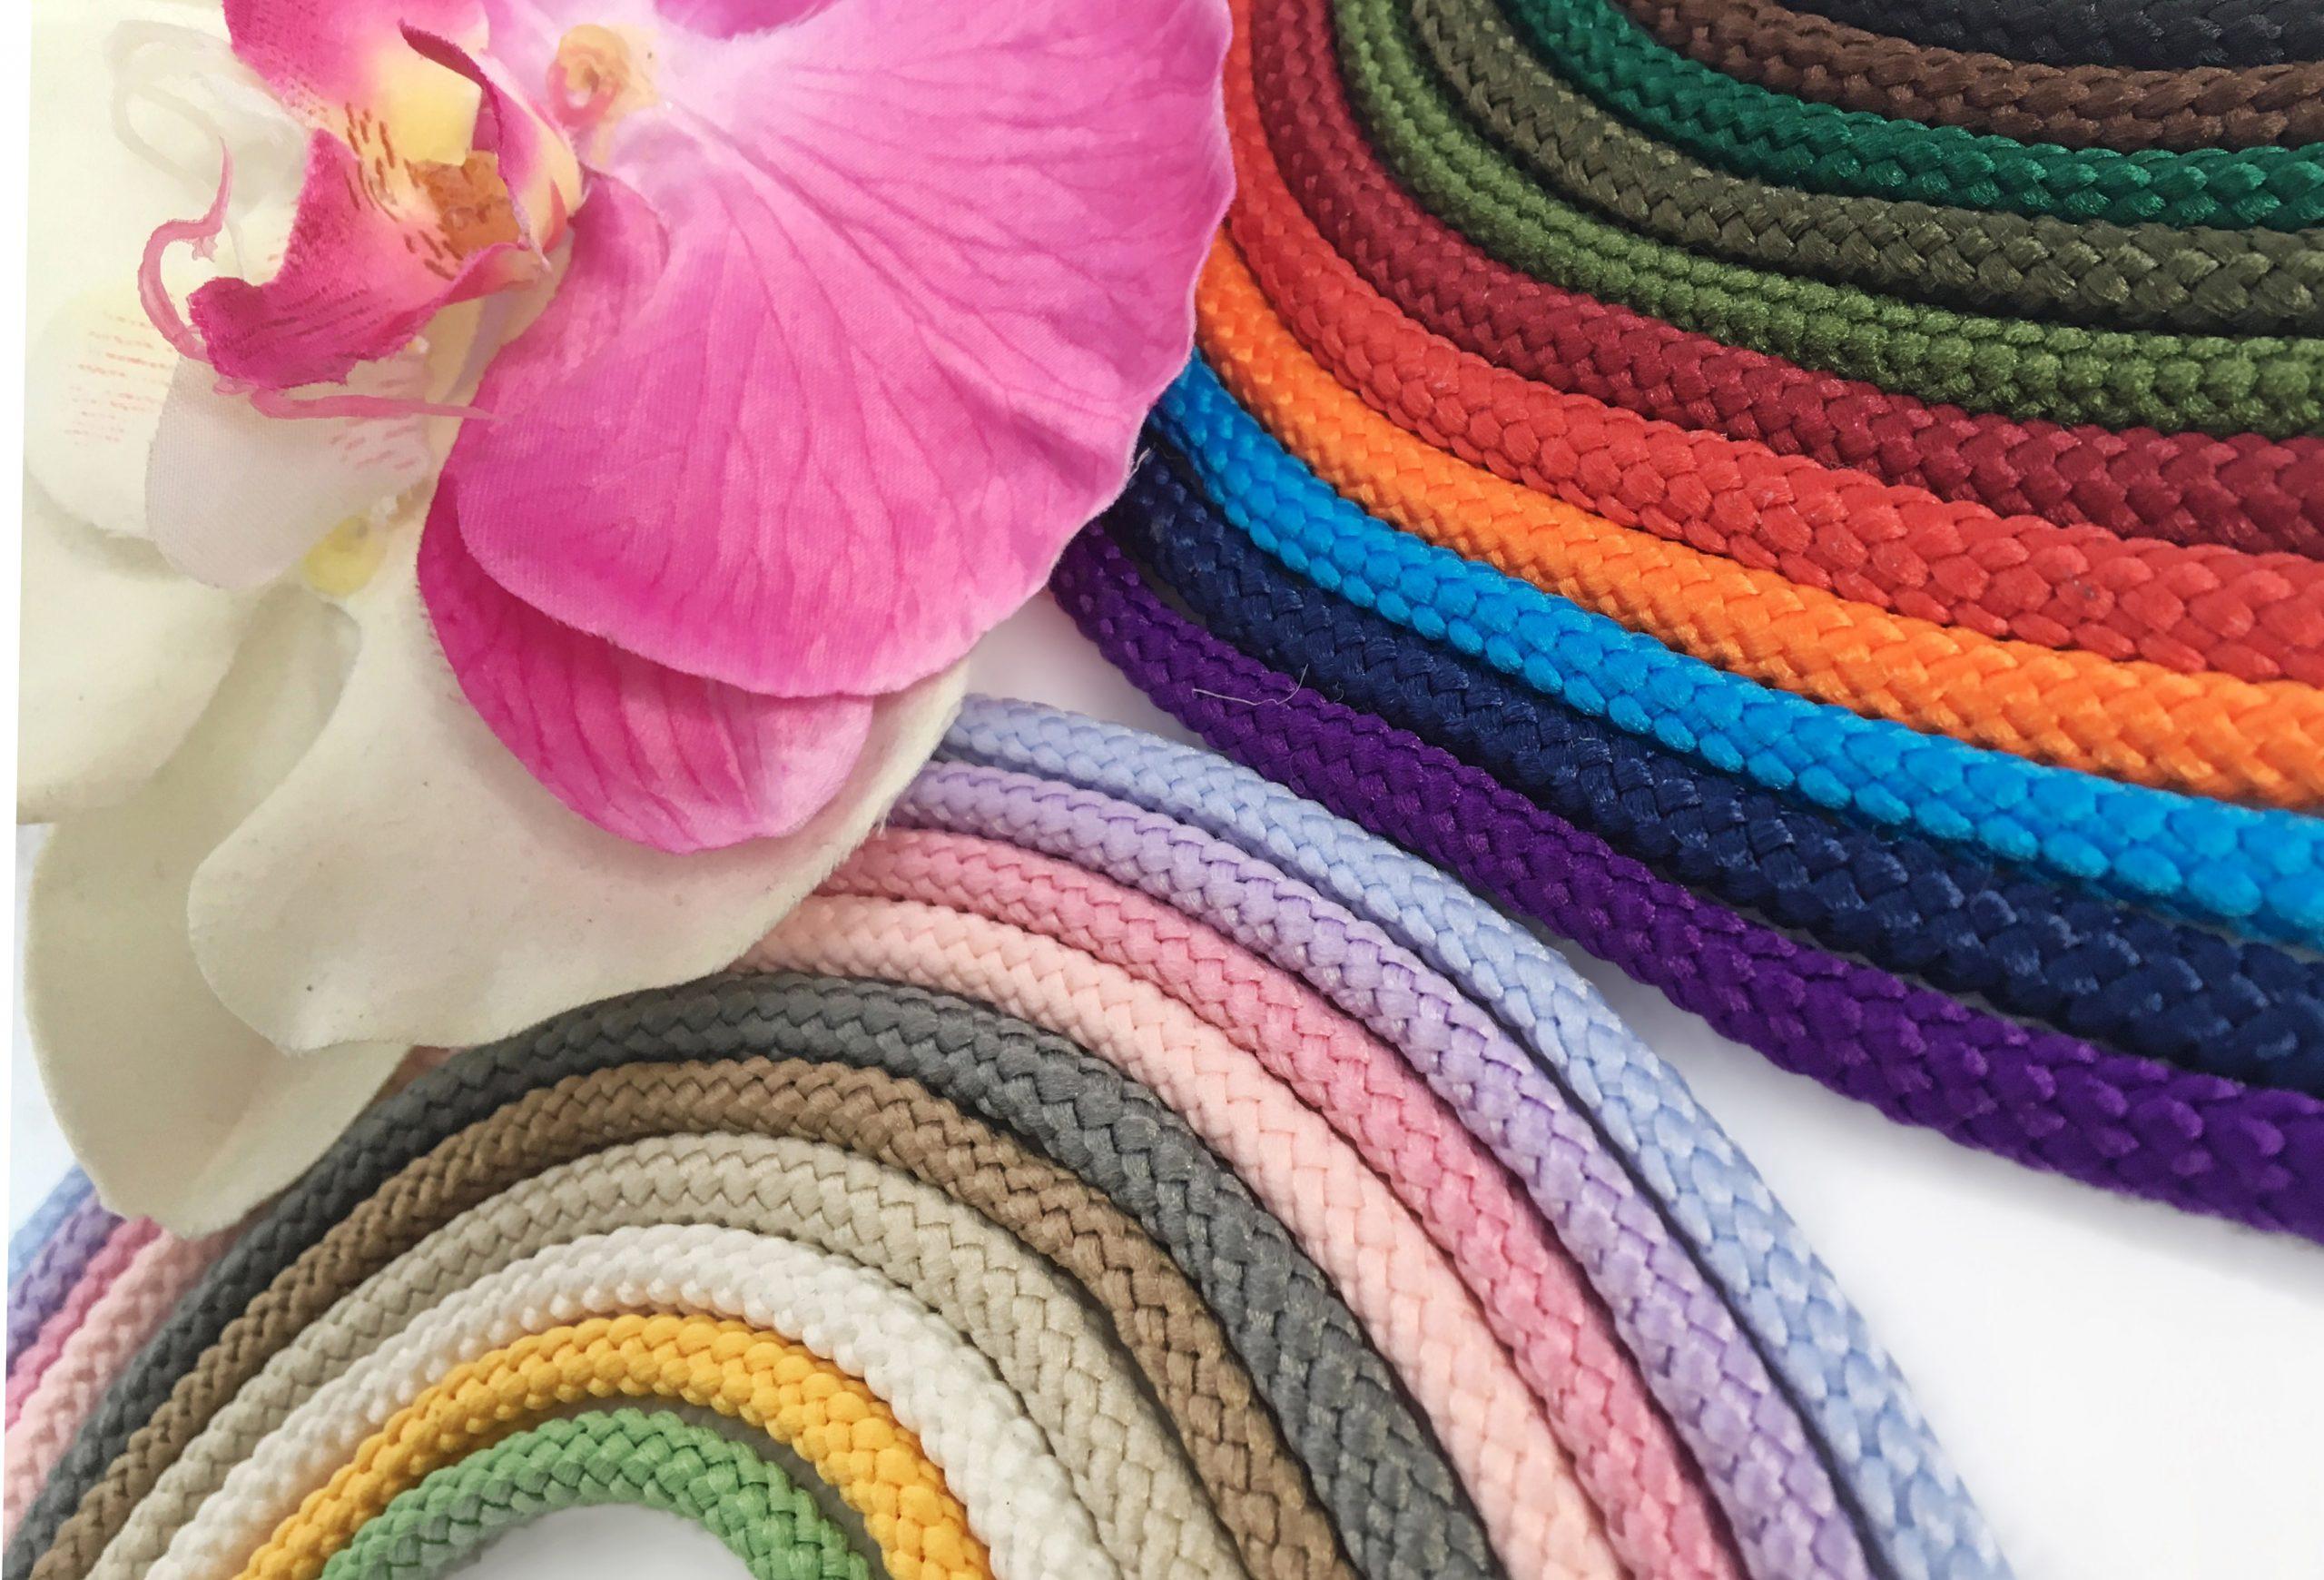 Большой выбор трикотажных шнуров для вязания Maccaroni с люрексом в студии вязания из трикотажной пряжи Shikimiki